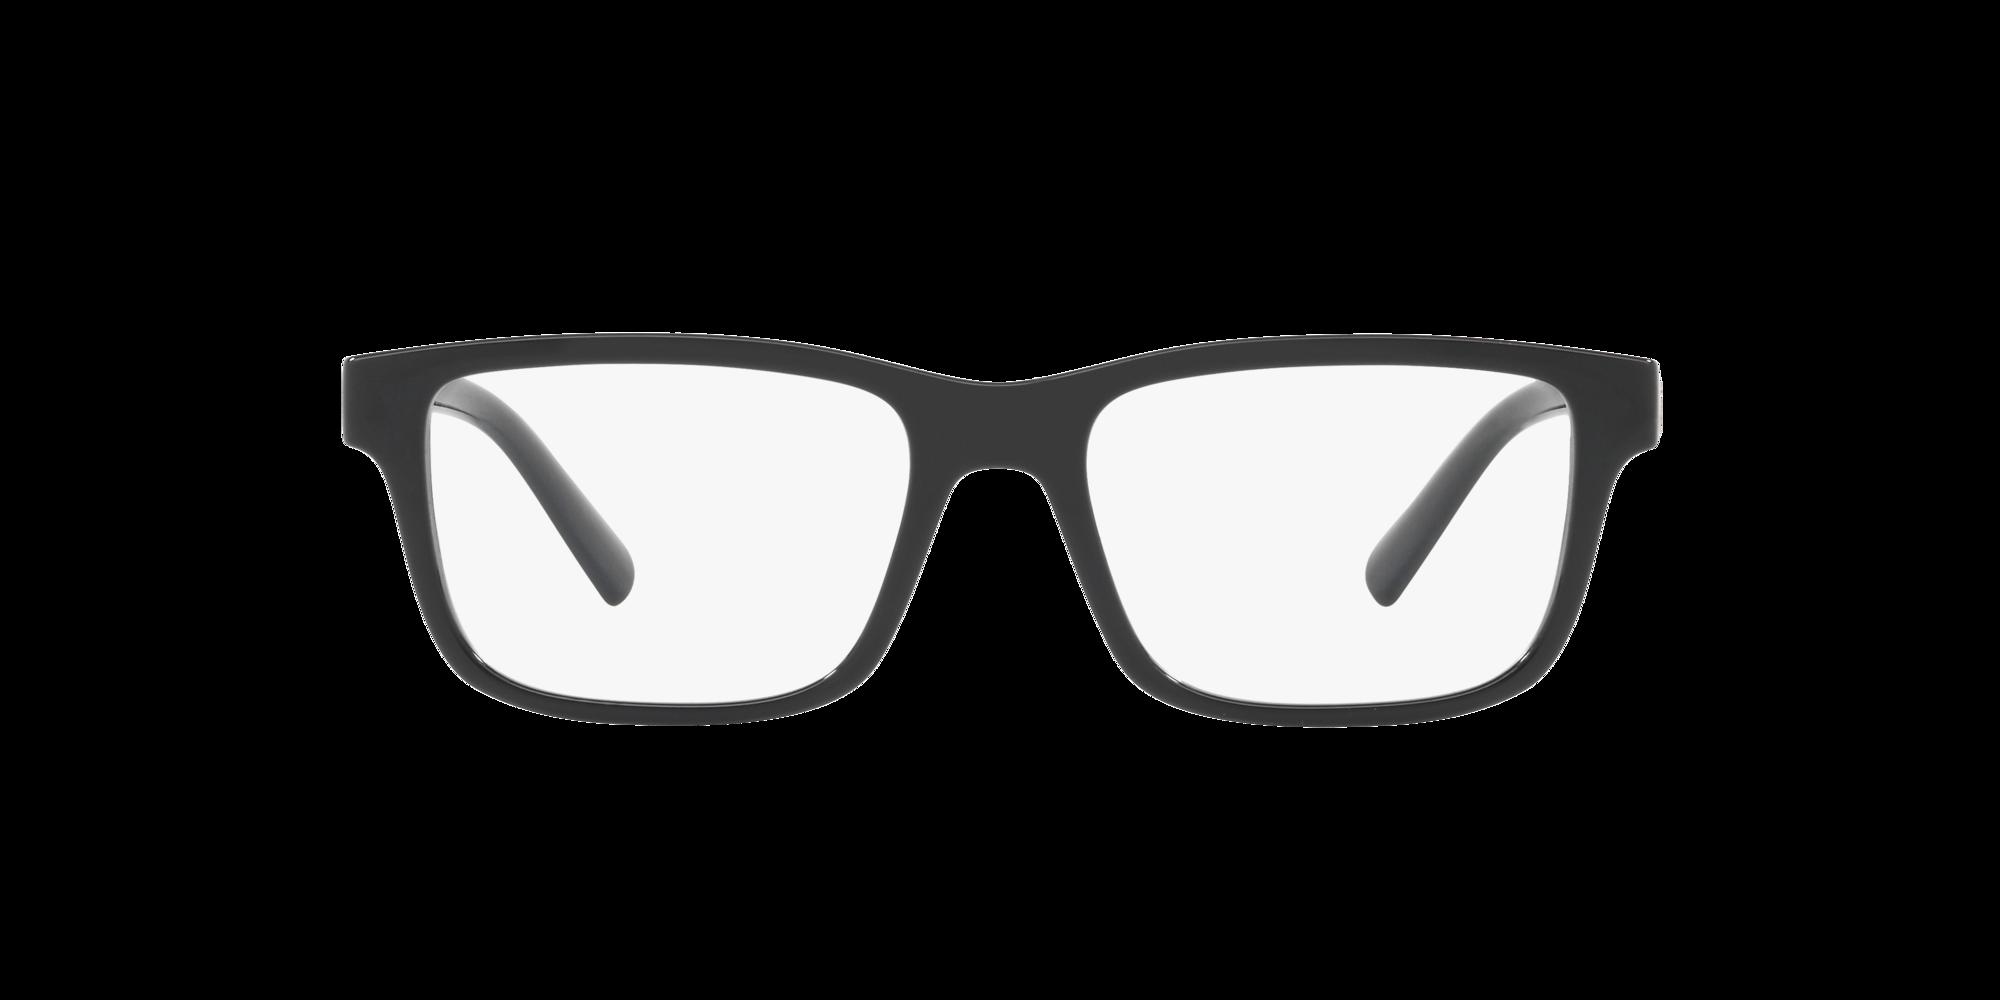 Imagen para PH2176 de LensCrafters |  Espejuelos, espejuelos graduados en línea, gafas